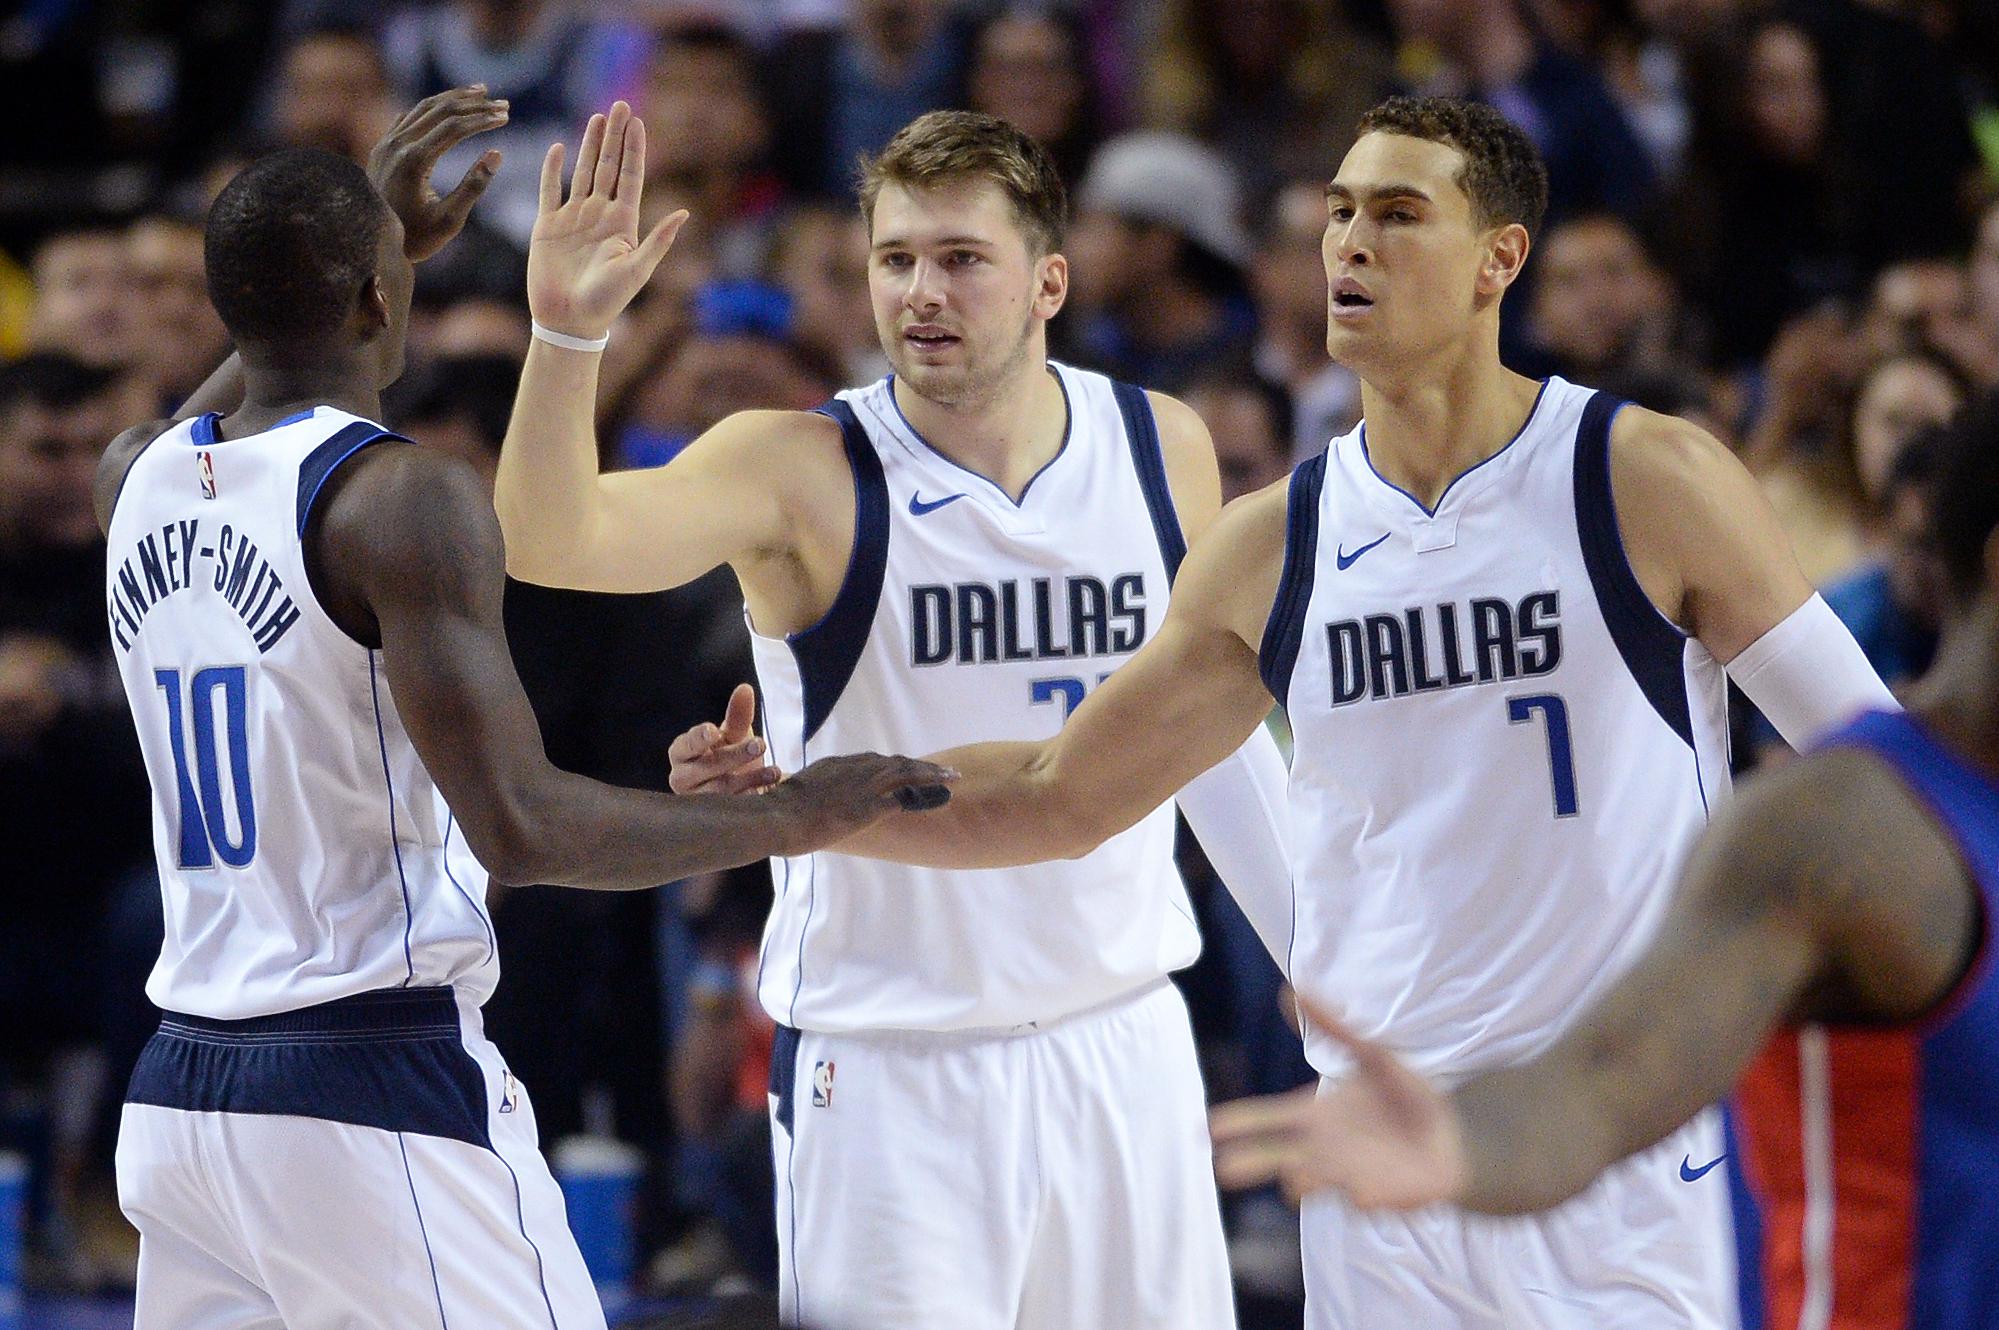 Μαγικός Ντόνσιτς για τους Μάβερικς! Τα αποτελέσματα στο NBA (video)